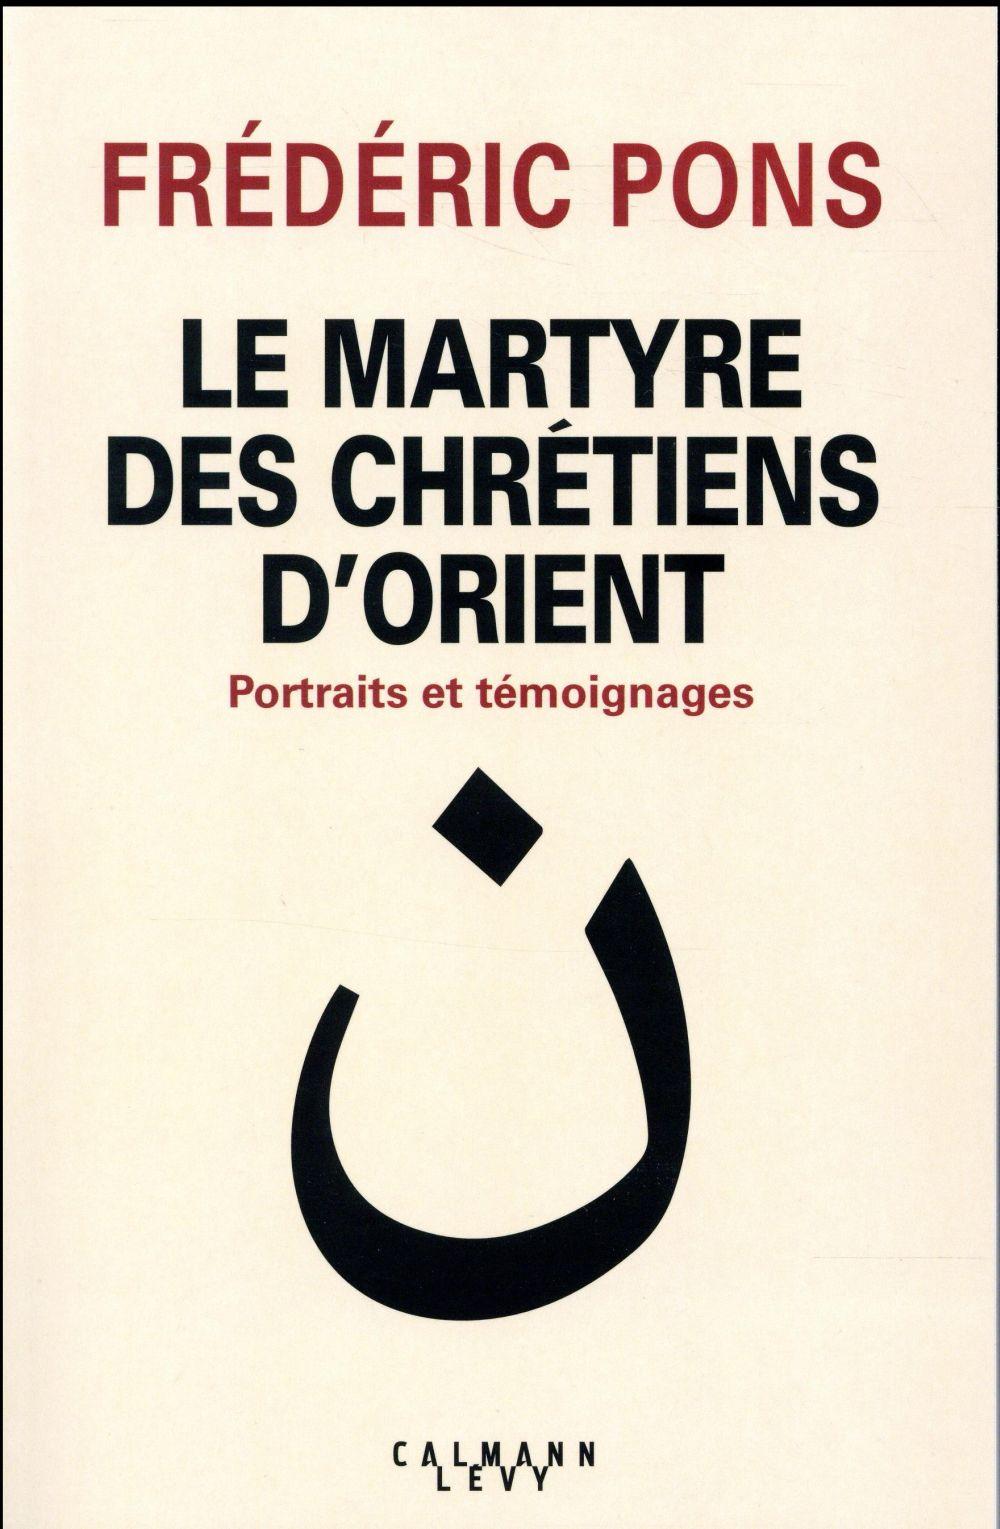 LE MARTYRE DES CHRETIENS D'ORIENT  -  PORTRAITS ET TEMOIGNAGES